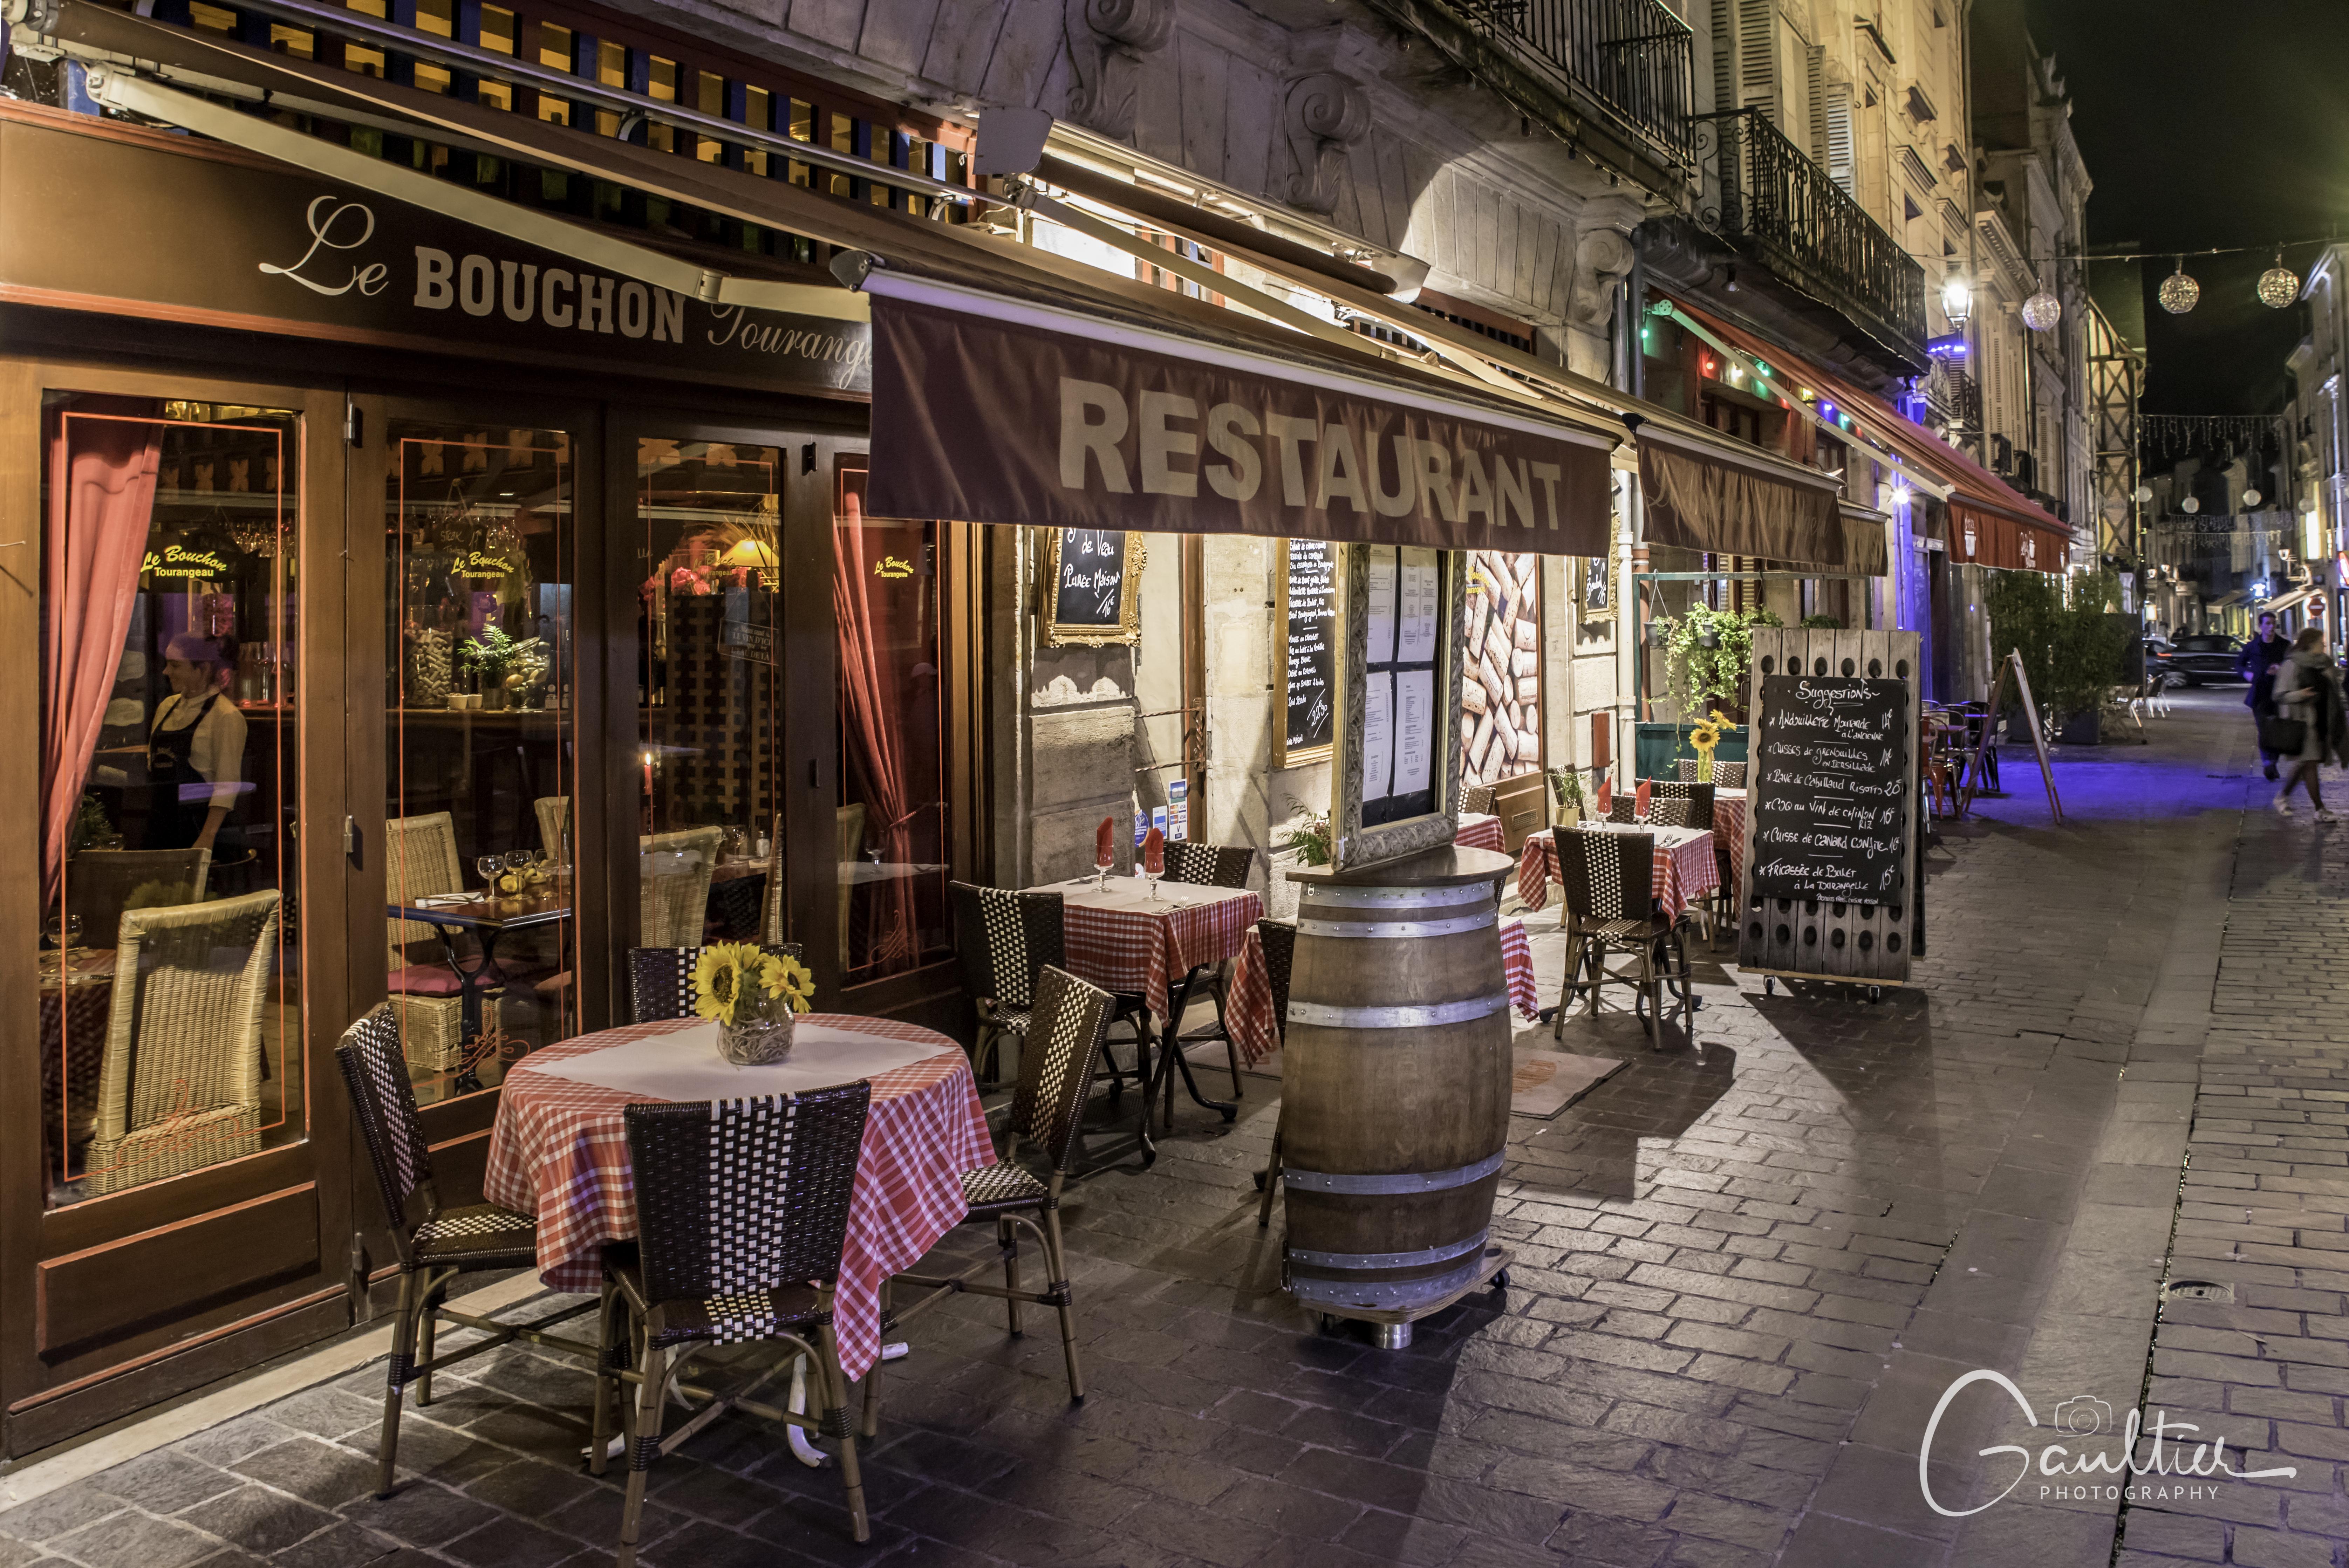 Restaurant le Bouchon Tourangeau